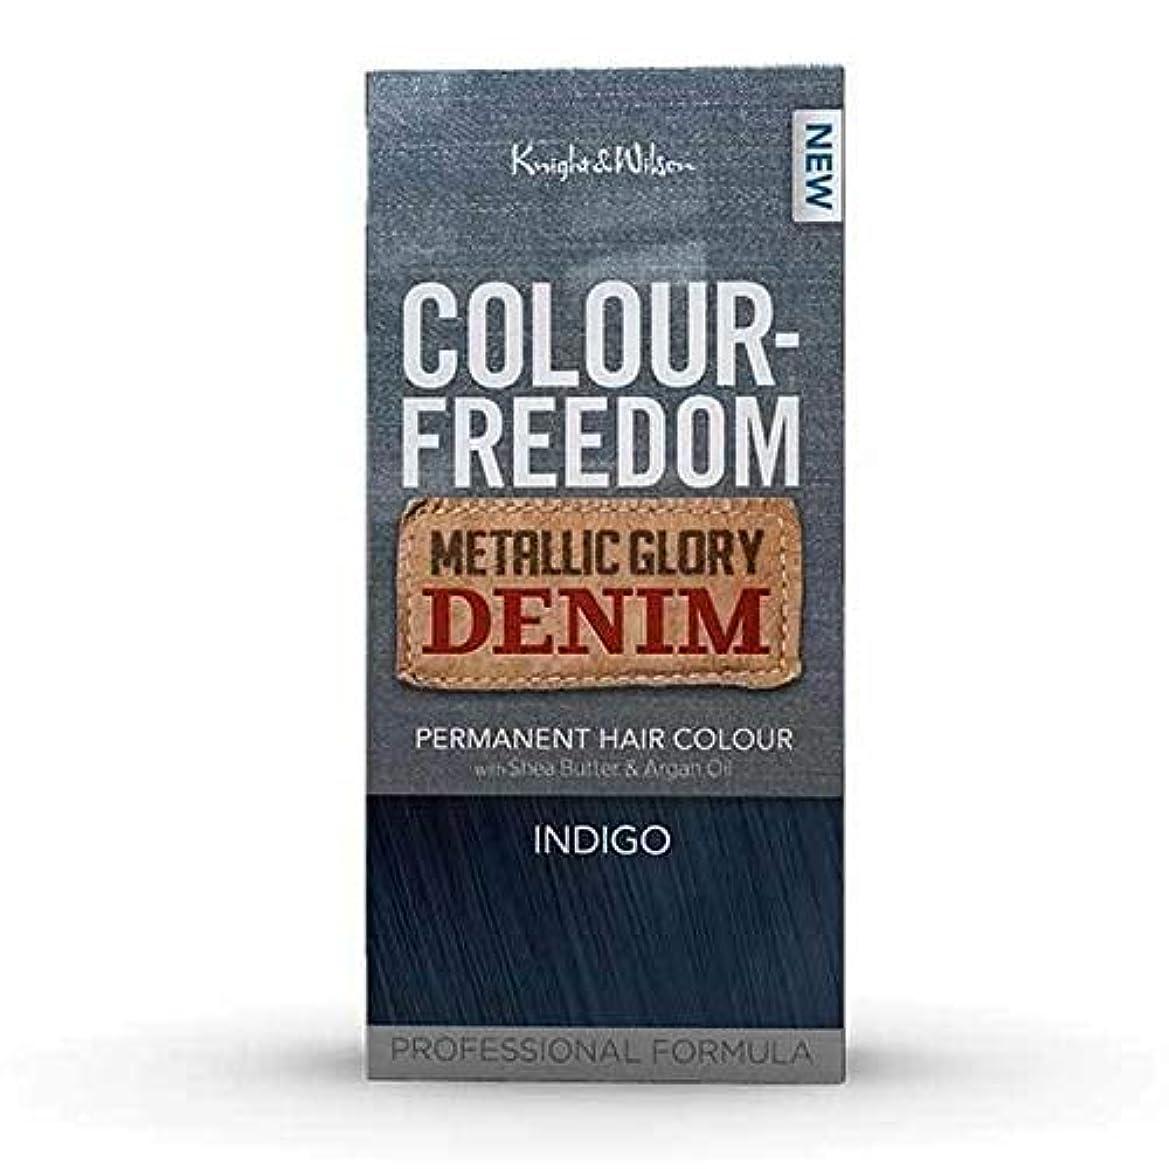 パイプ統治するカルシウム[Colour Freedom ] カラー自由メタリック栄光デニムインディゴ - Colour Freedom Metallic Glory Denim Indigo [並行輸入品]